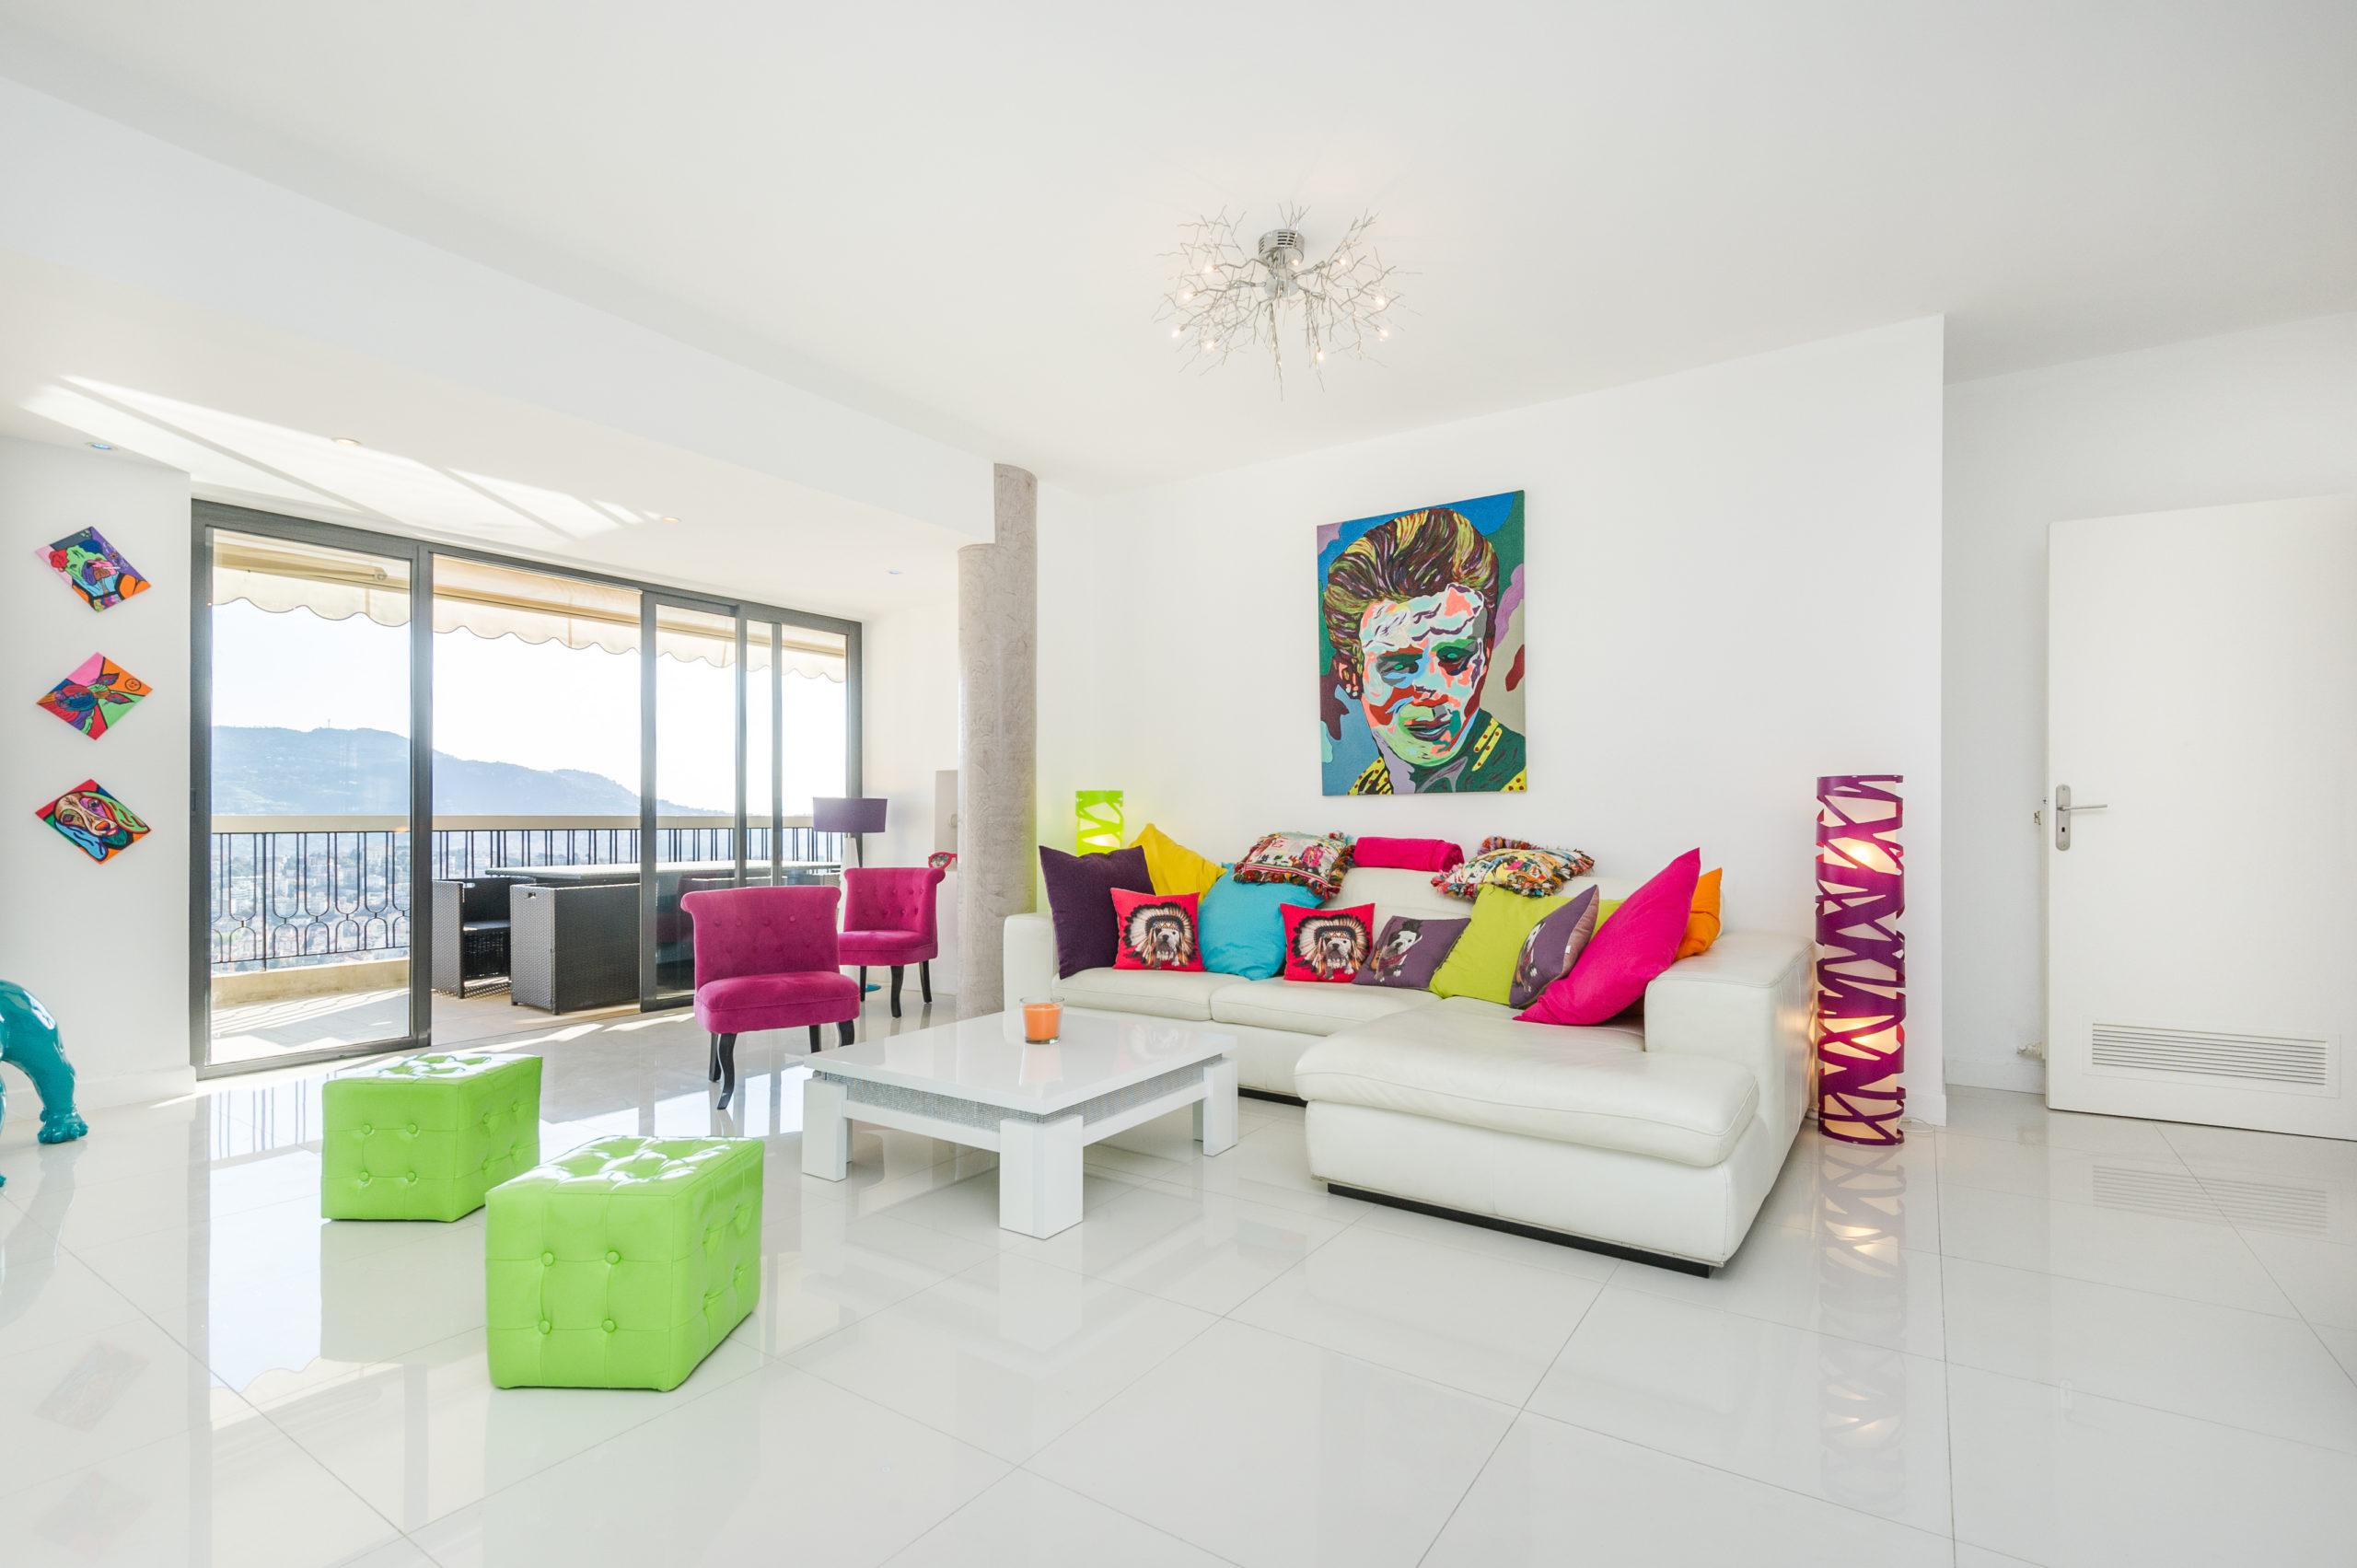 Shooting photo immobilier - Appartement duplex à vendre situé sur les collines niçoises - le salon / salle à manger